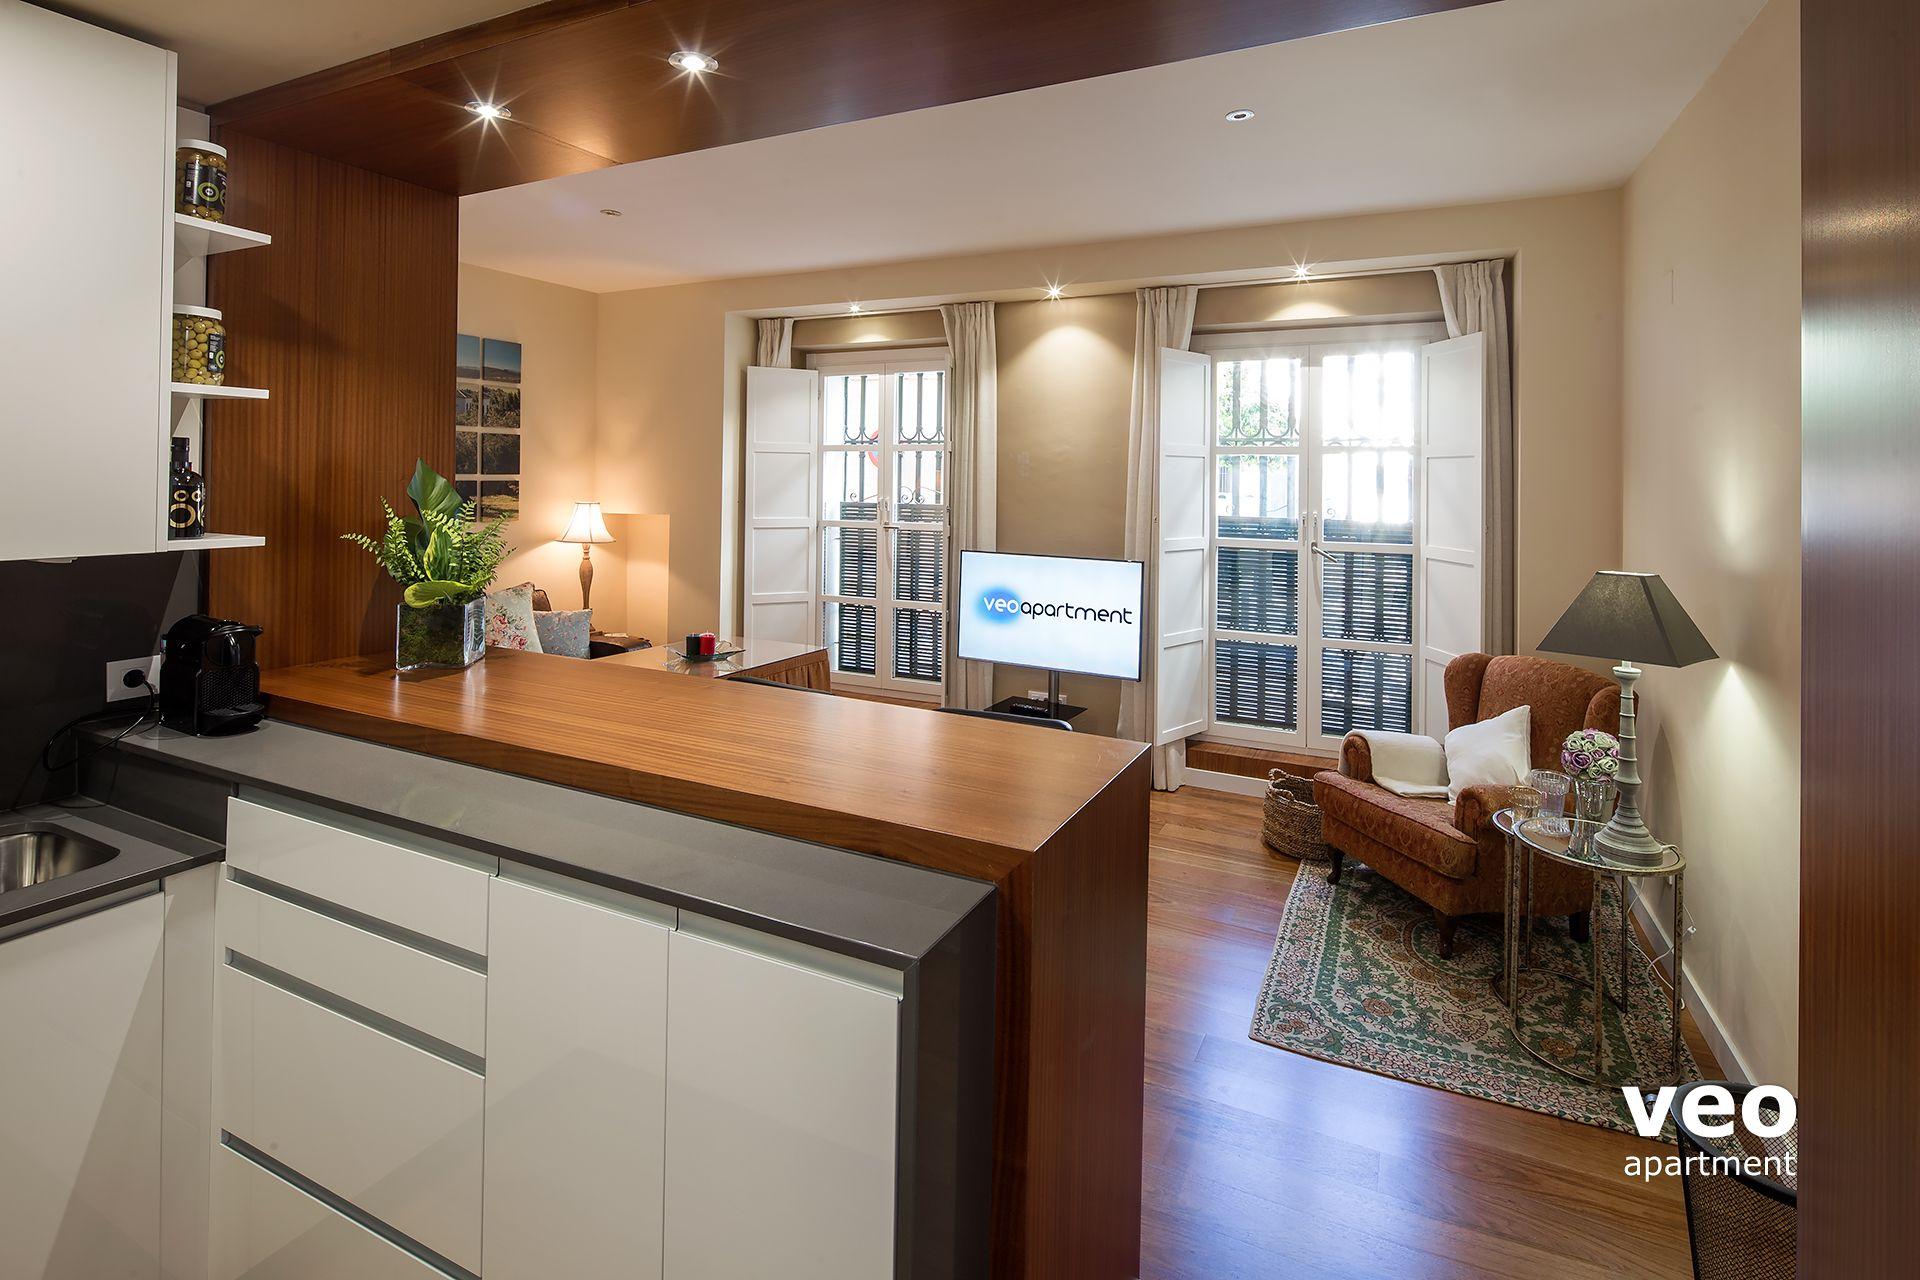 Sevilla apartmento calle san vicente sevilla espa a san for Alquiler de apartamentos por dias en sevilla